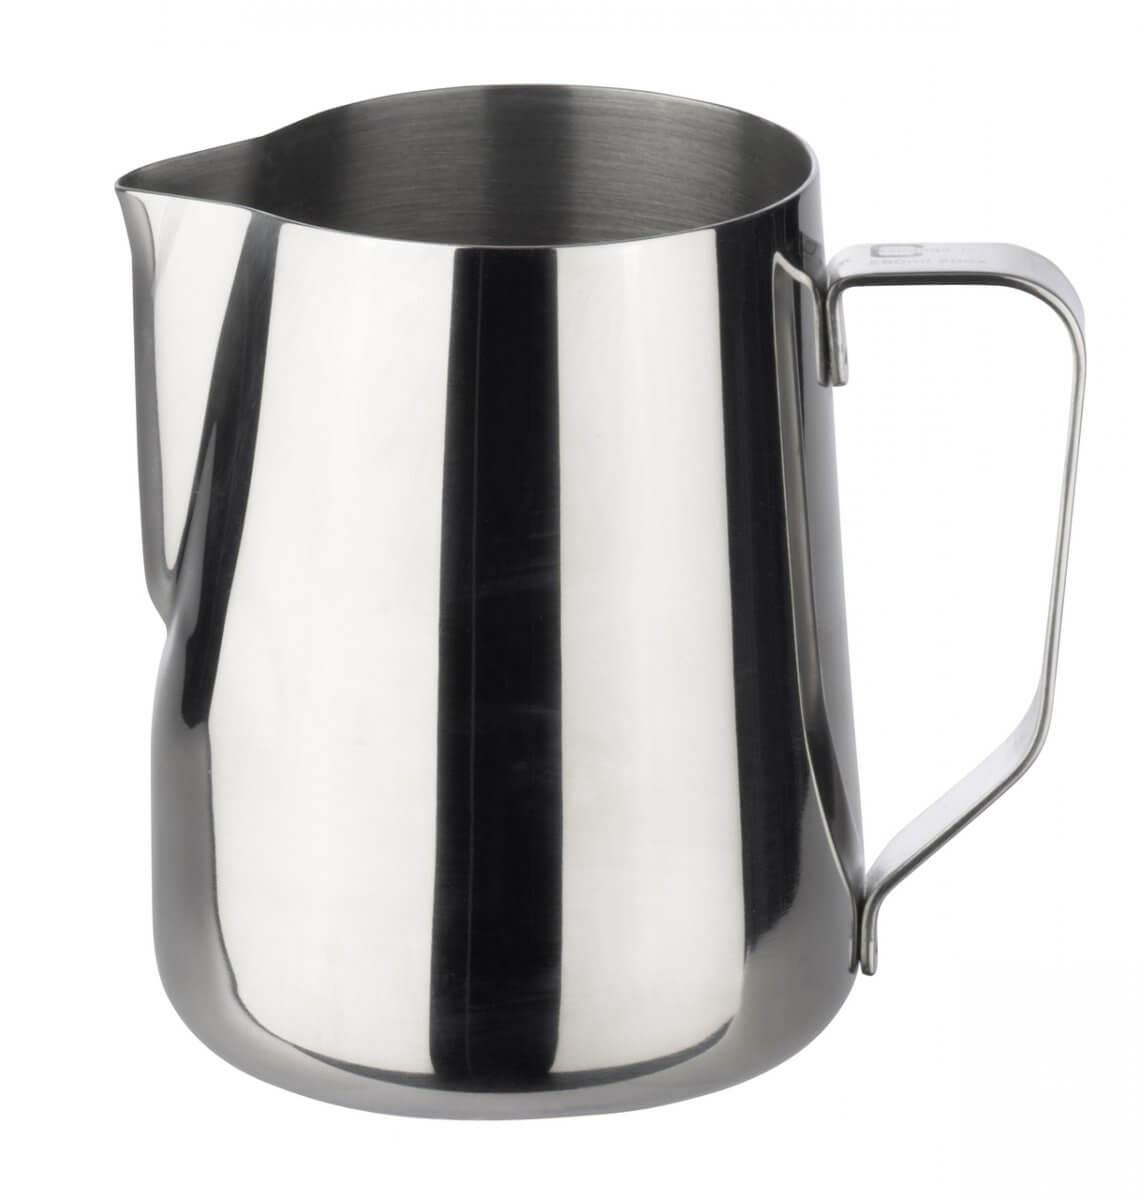 Pichet à lait - acier - 590ml - [JoeFrex]®